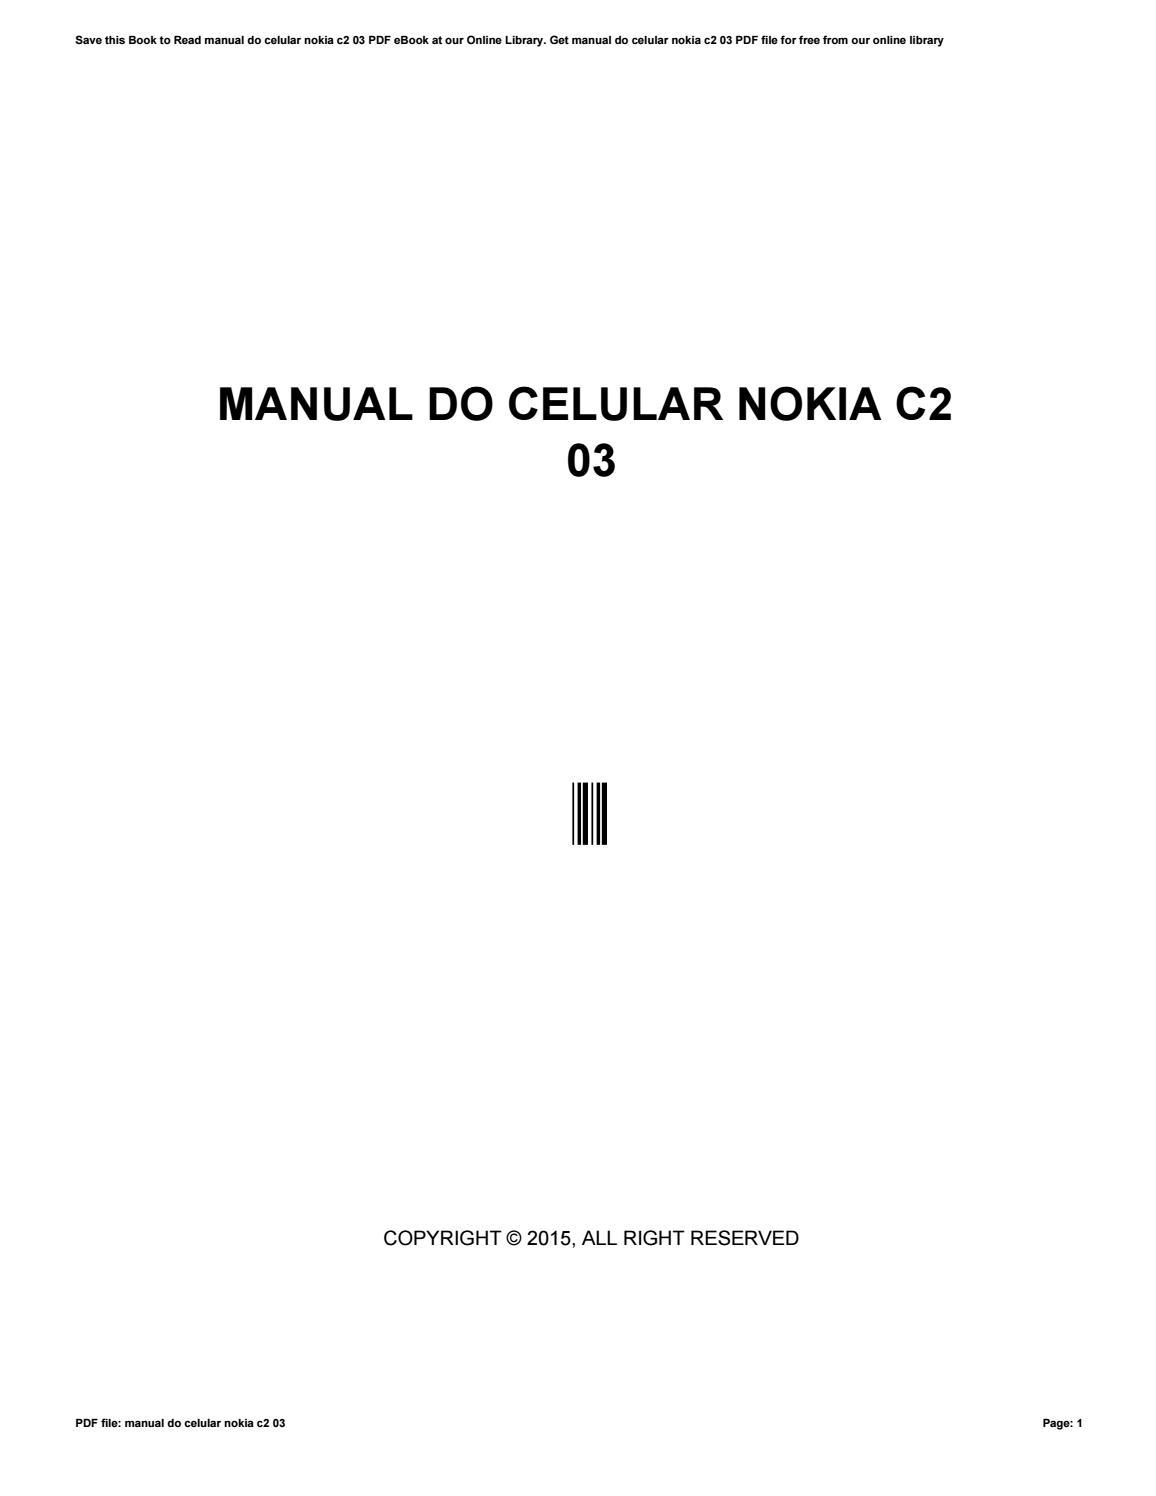 Manual do celular nokia c2 03